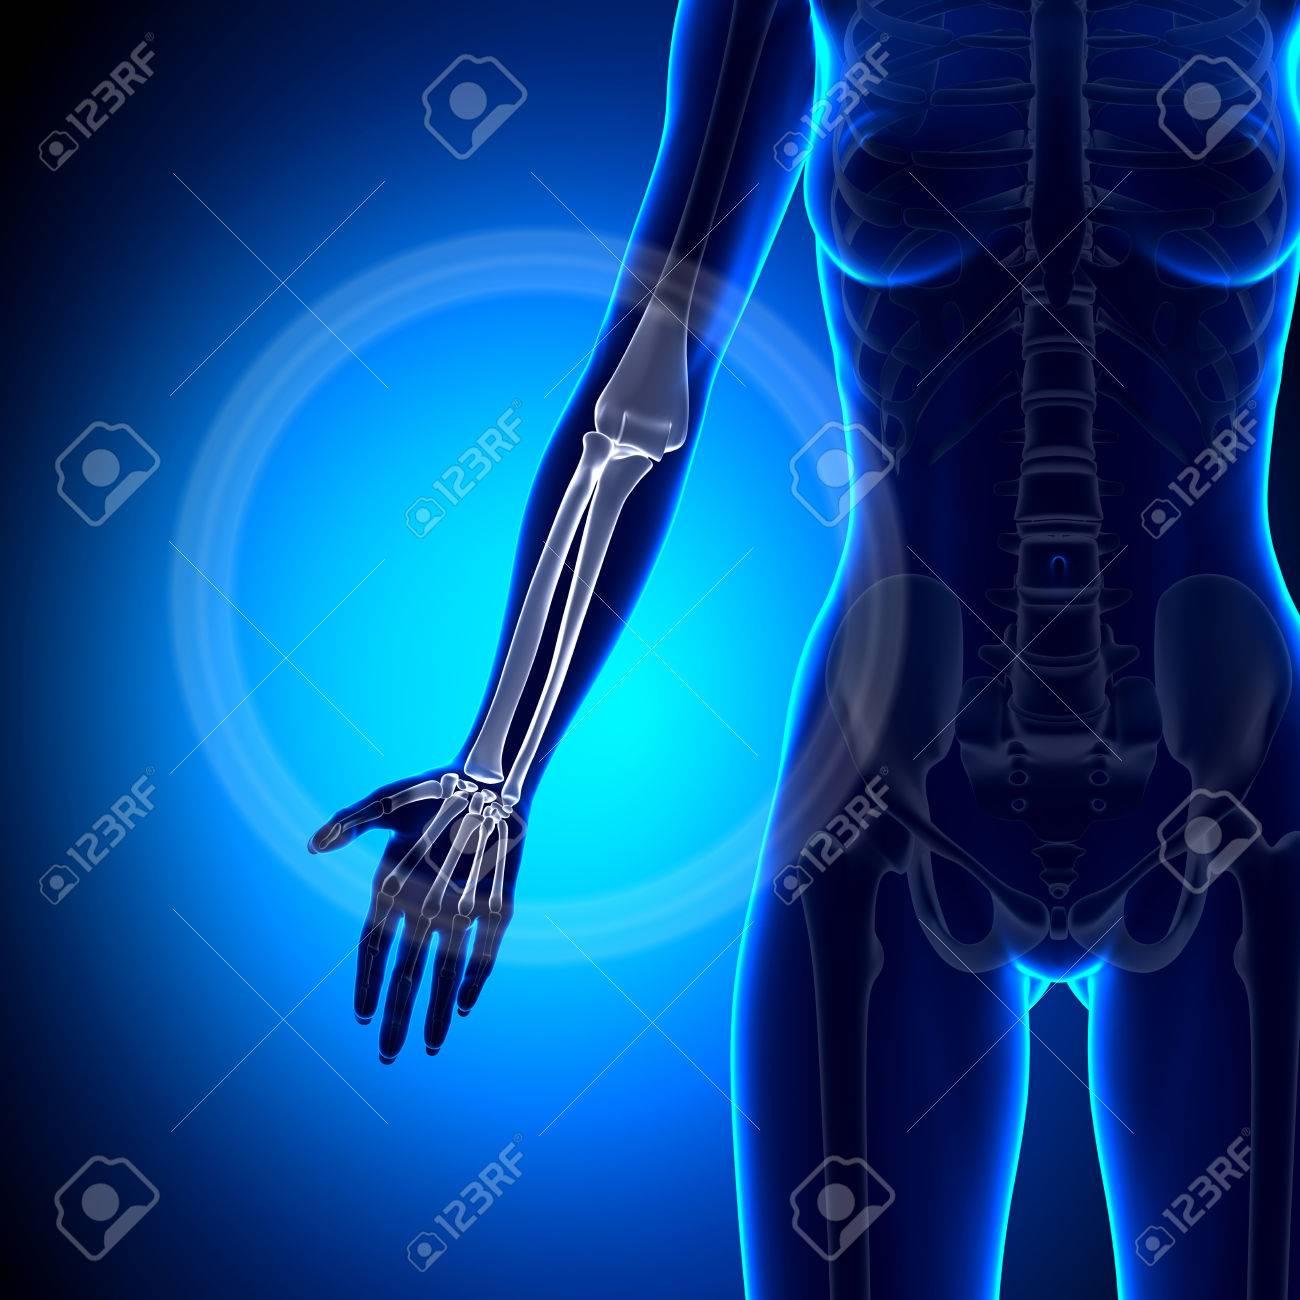 Mujer Radio / Cúbito - Antebrazo - Anatomía Huesos Fotos, Retratos ...